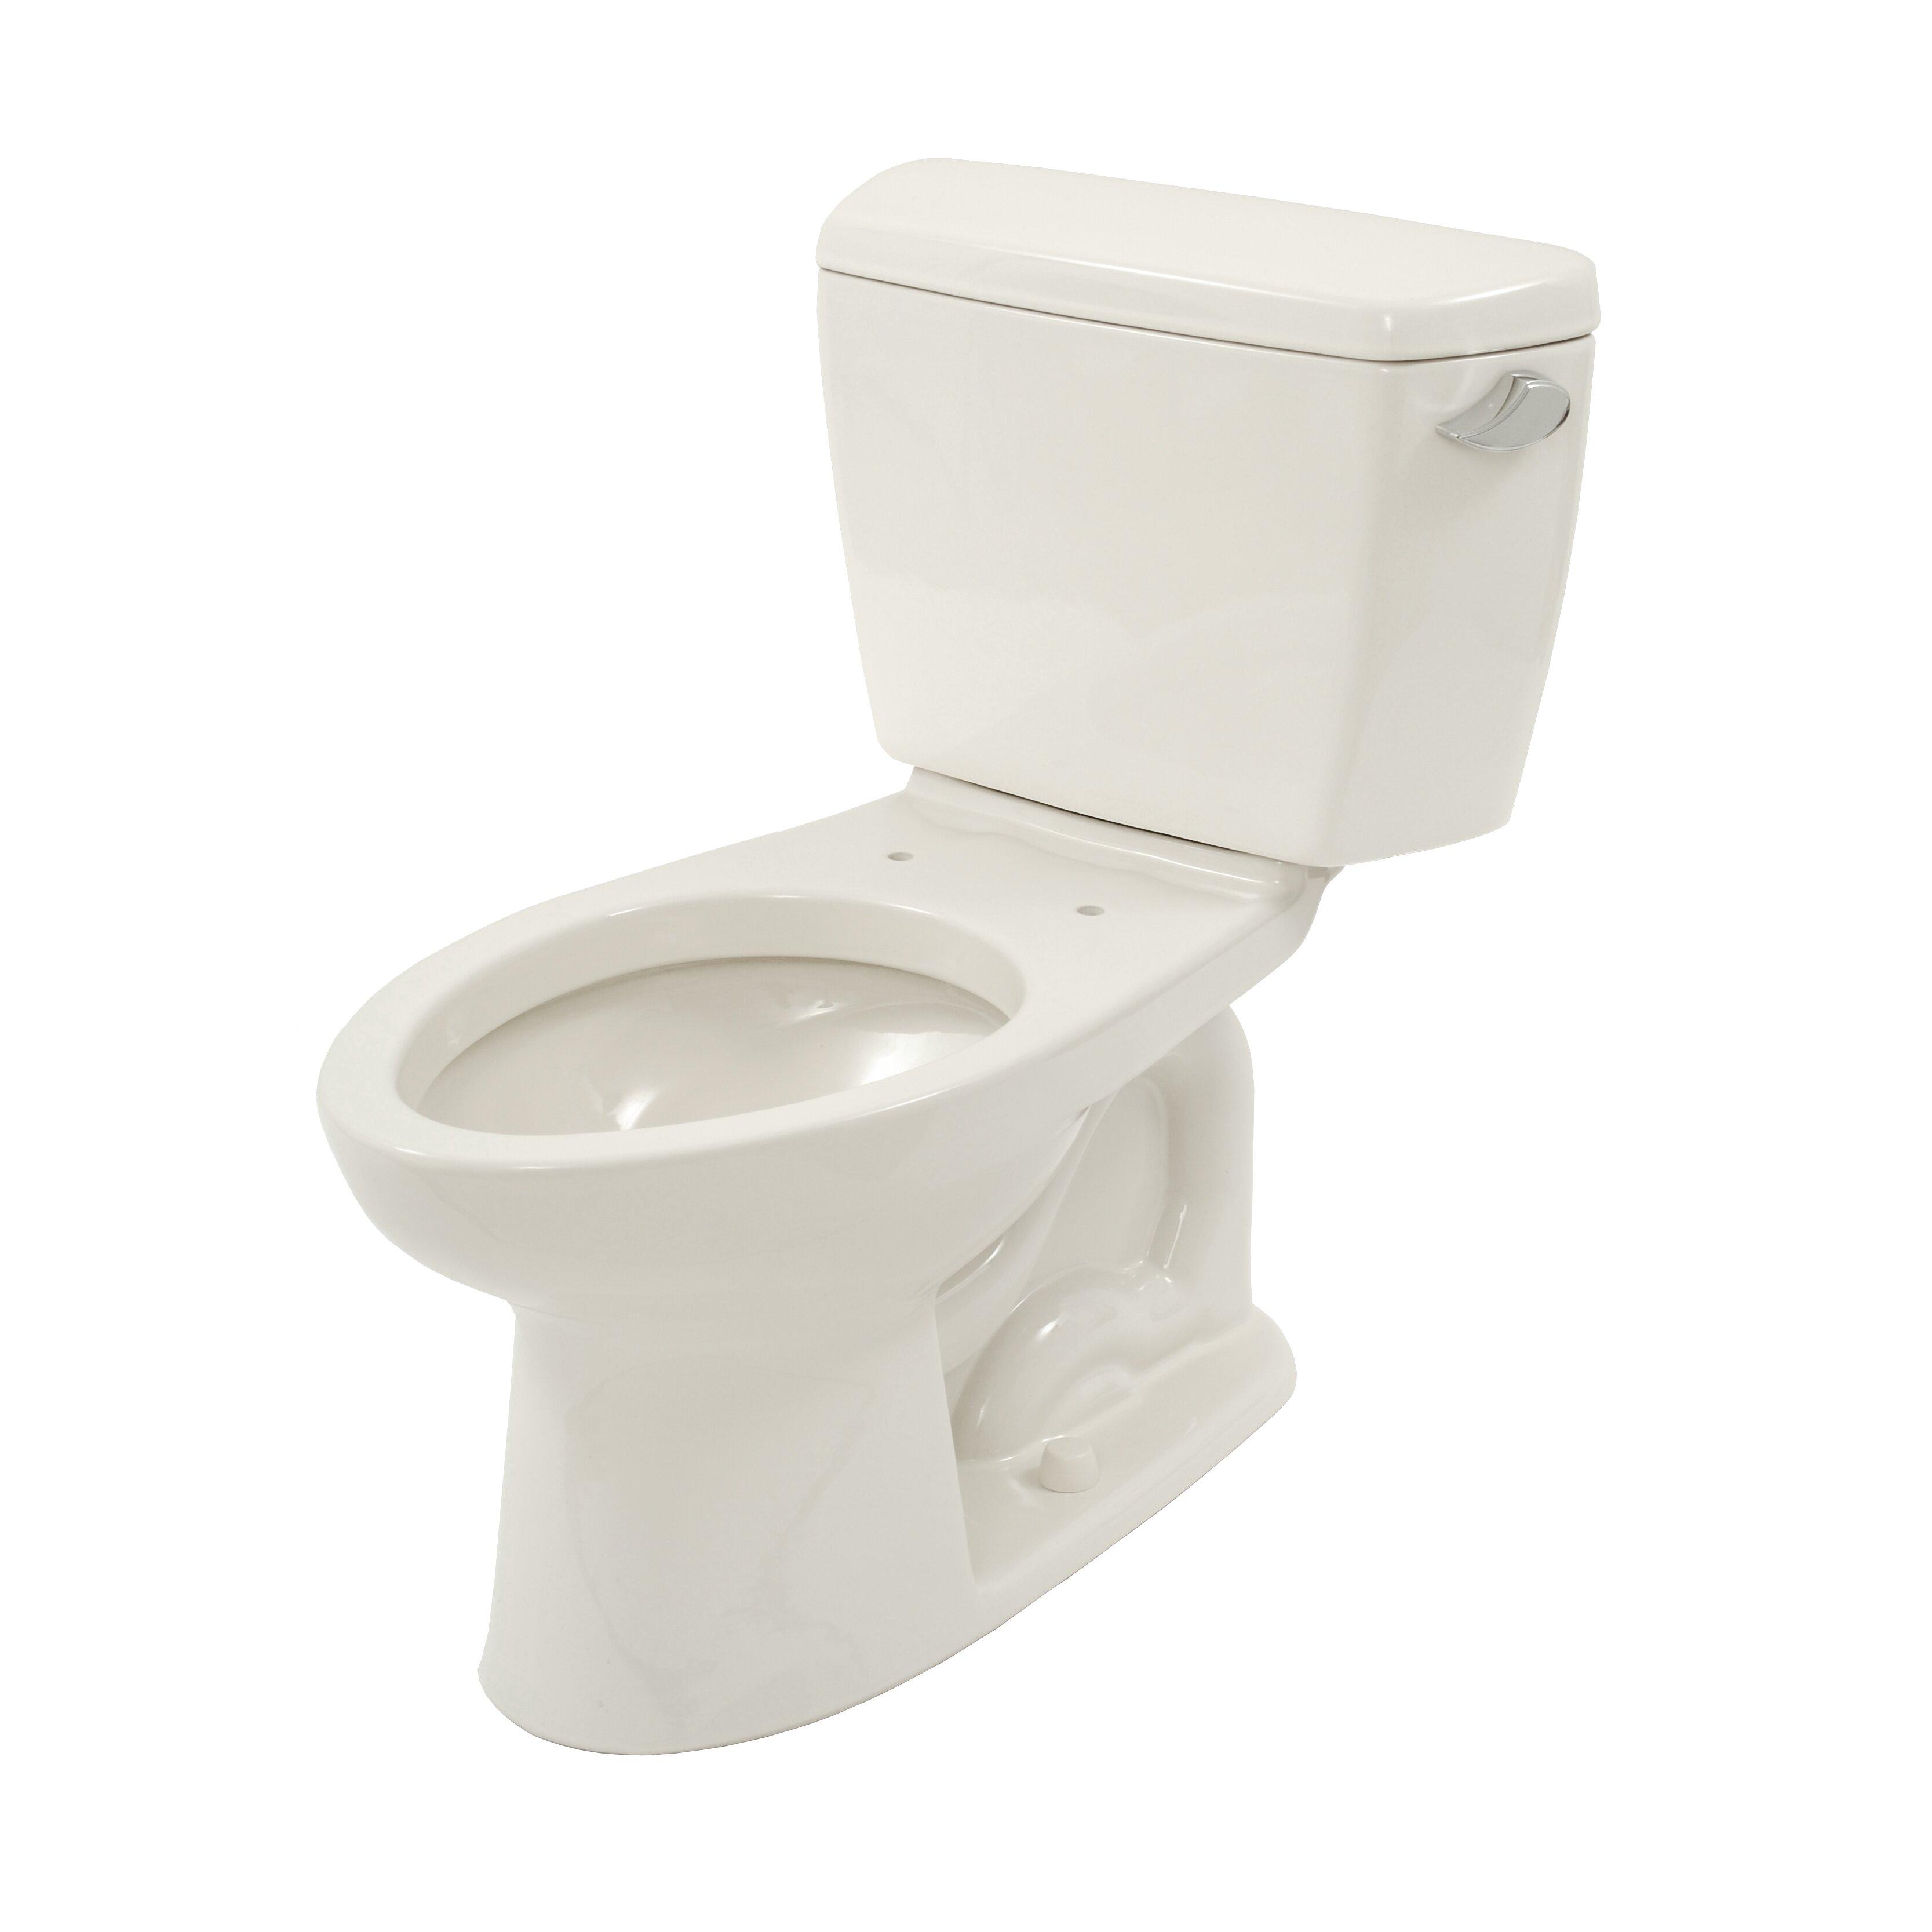 Toto Drake Ada Compliant Toilet.Toto Drake ADA Compliant 1 6 GPF ...